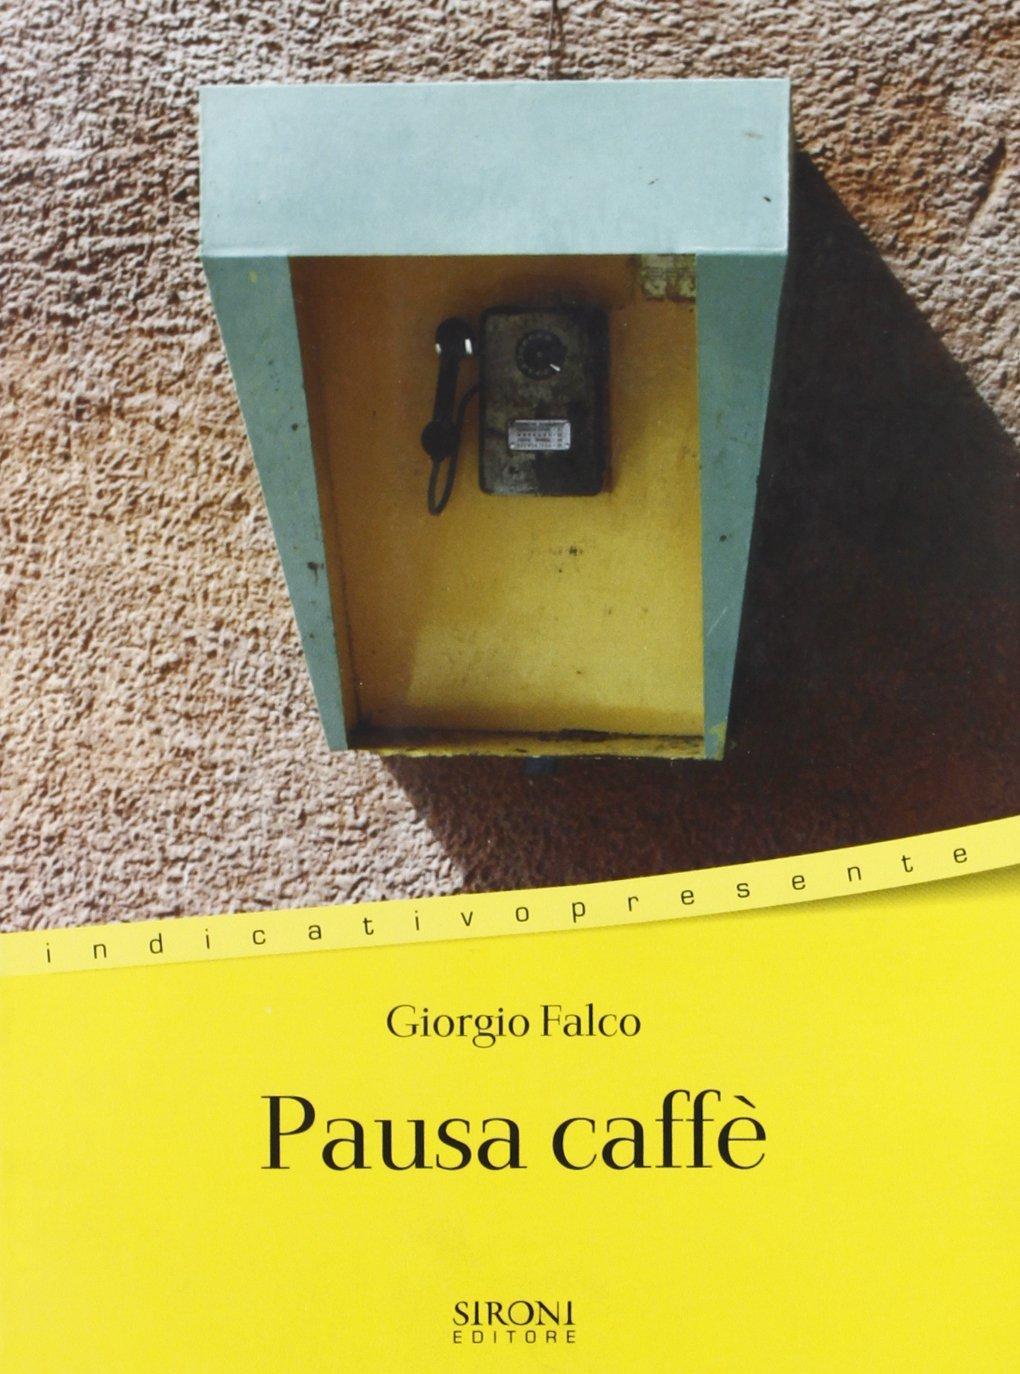 Pausa caffè giorgio falco